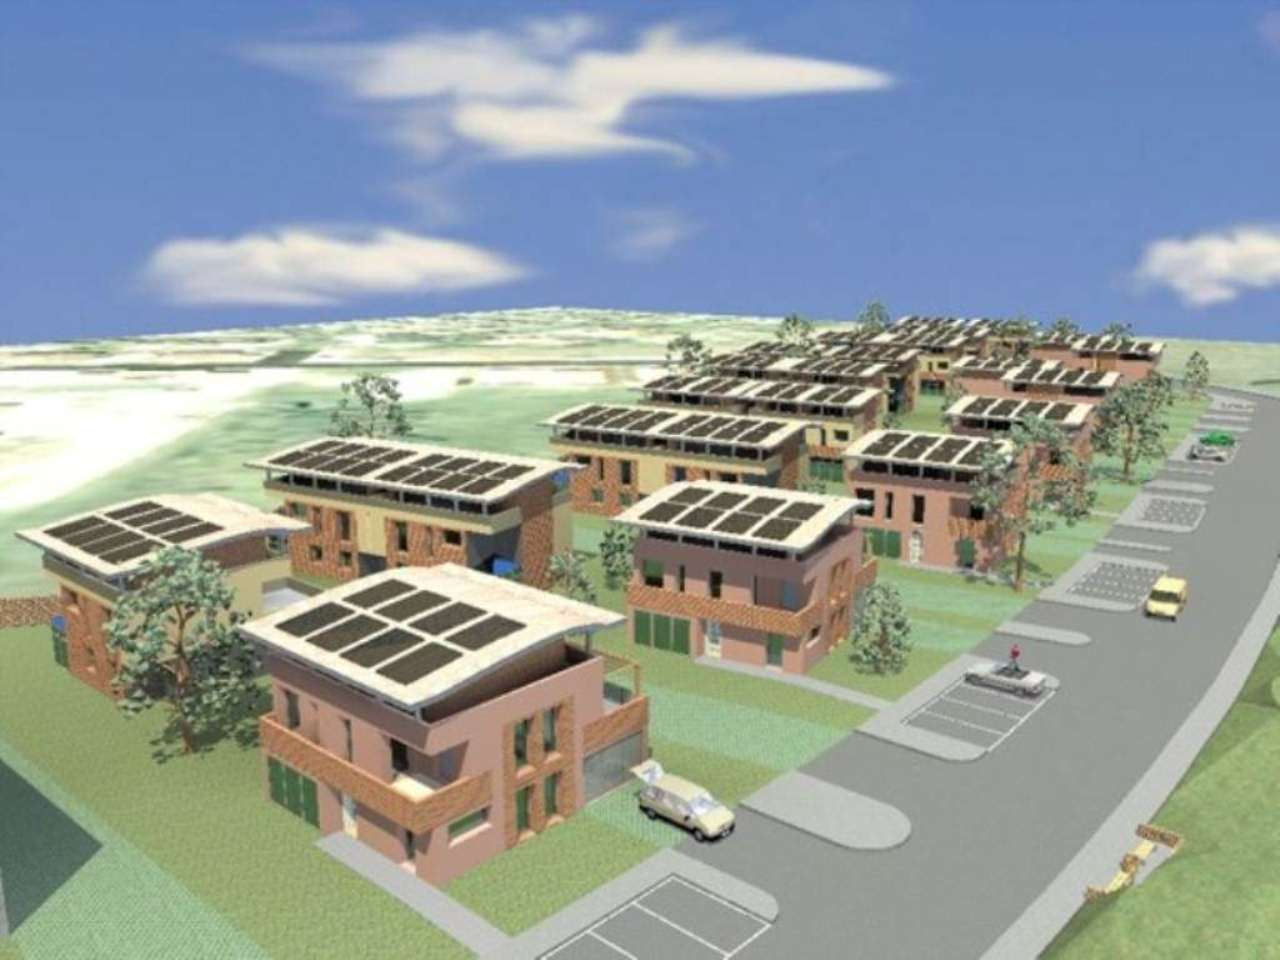 Terreno Edificabile Residenziale in vendita a Lodi, 9999 locali, Trattative riservate | Cambio Casa.it